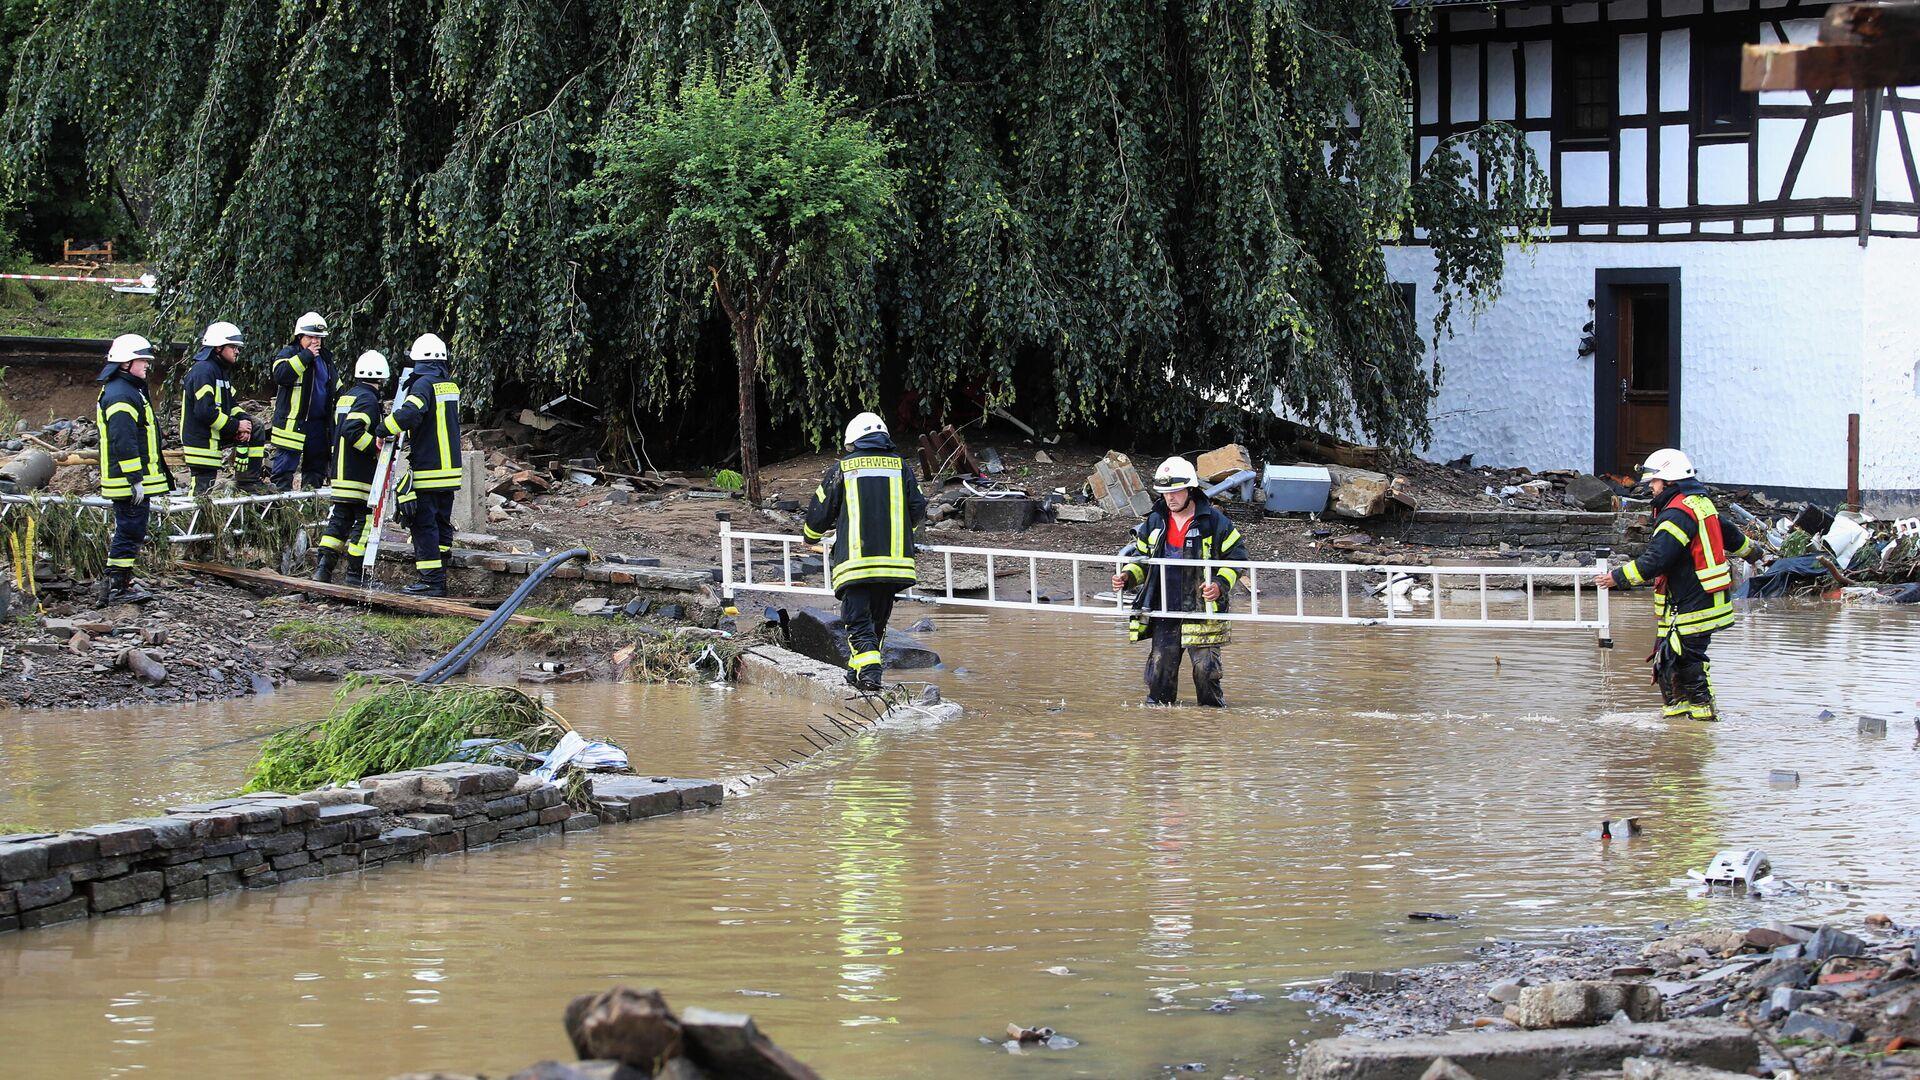 Пожарные работают в зоне, пострадавшей от наводнения после проливных дождей в Шульде, Германия - РИА Новости, 1920, 17.07.2021